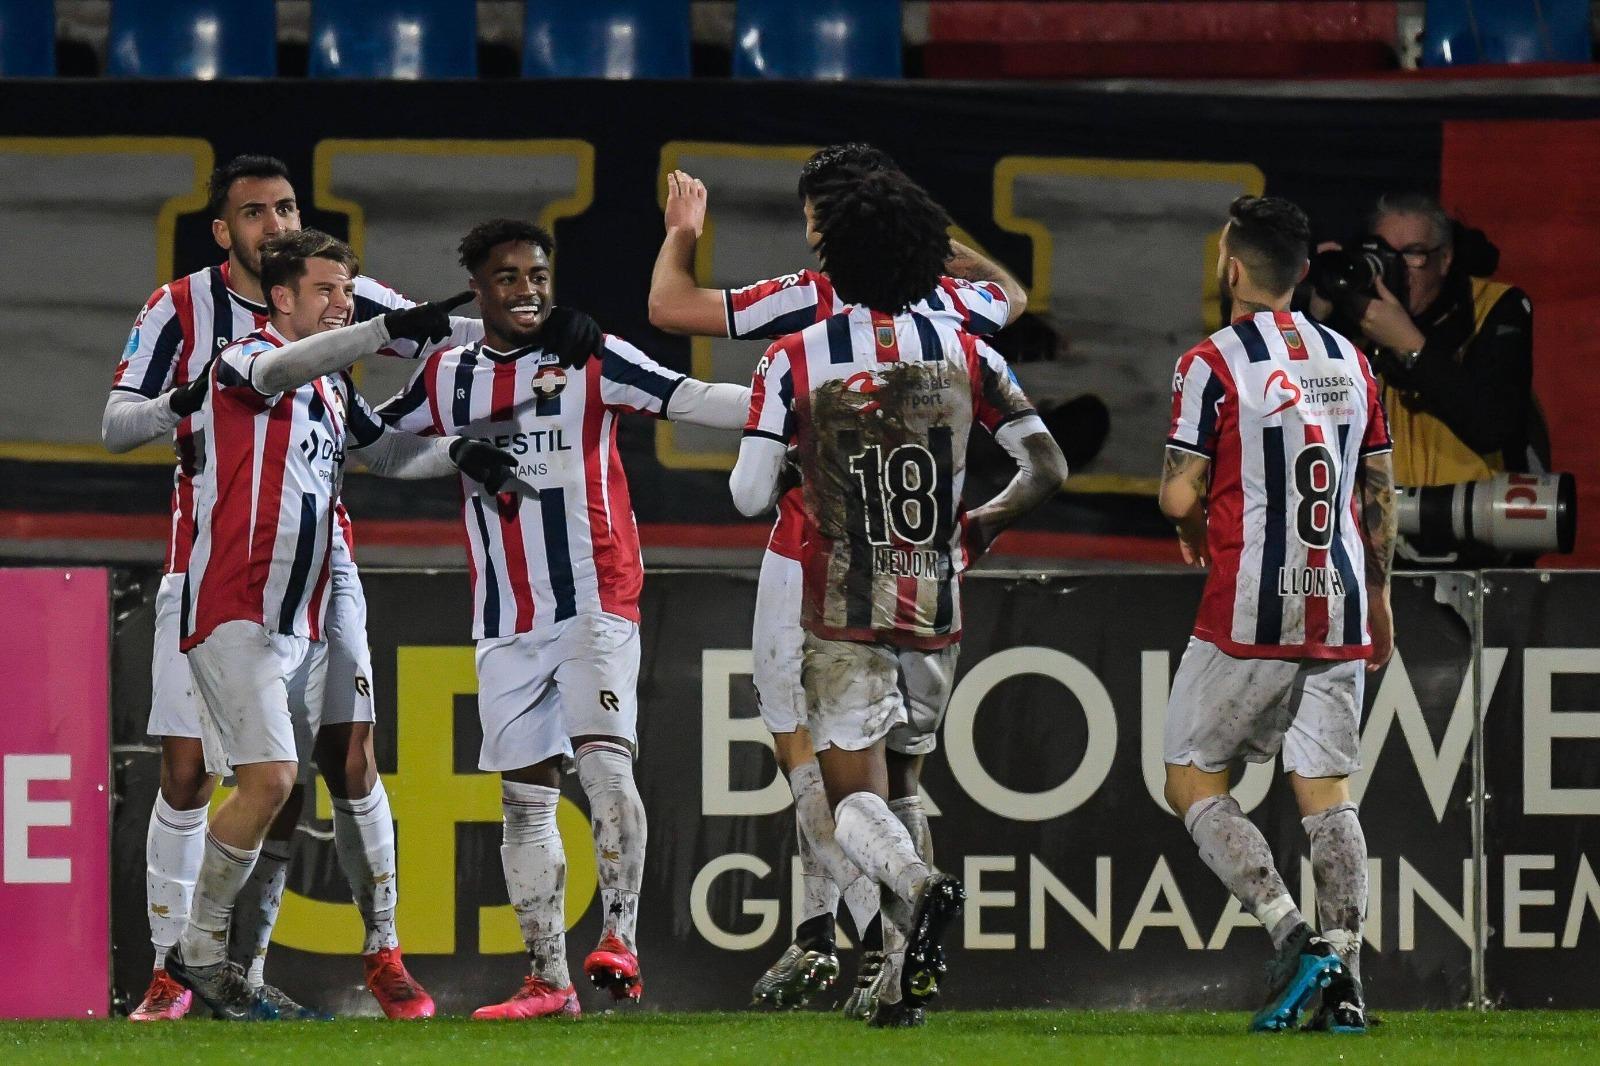 Willem derby